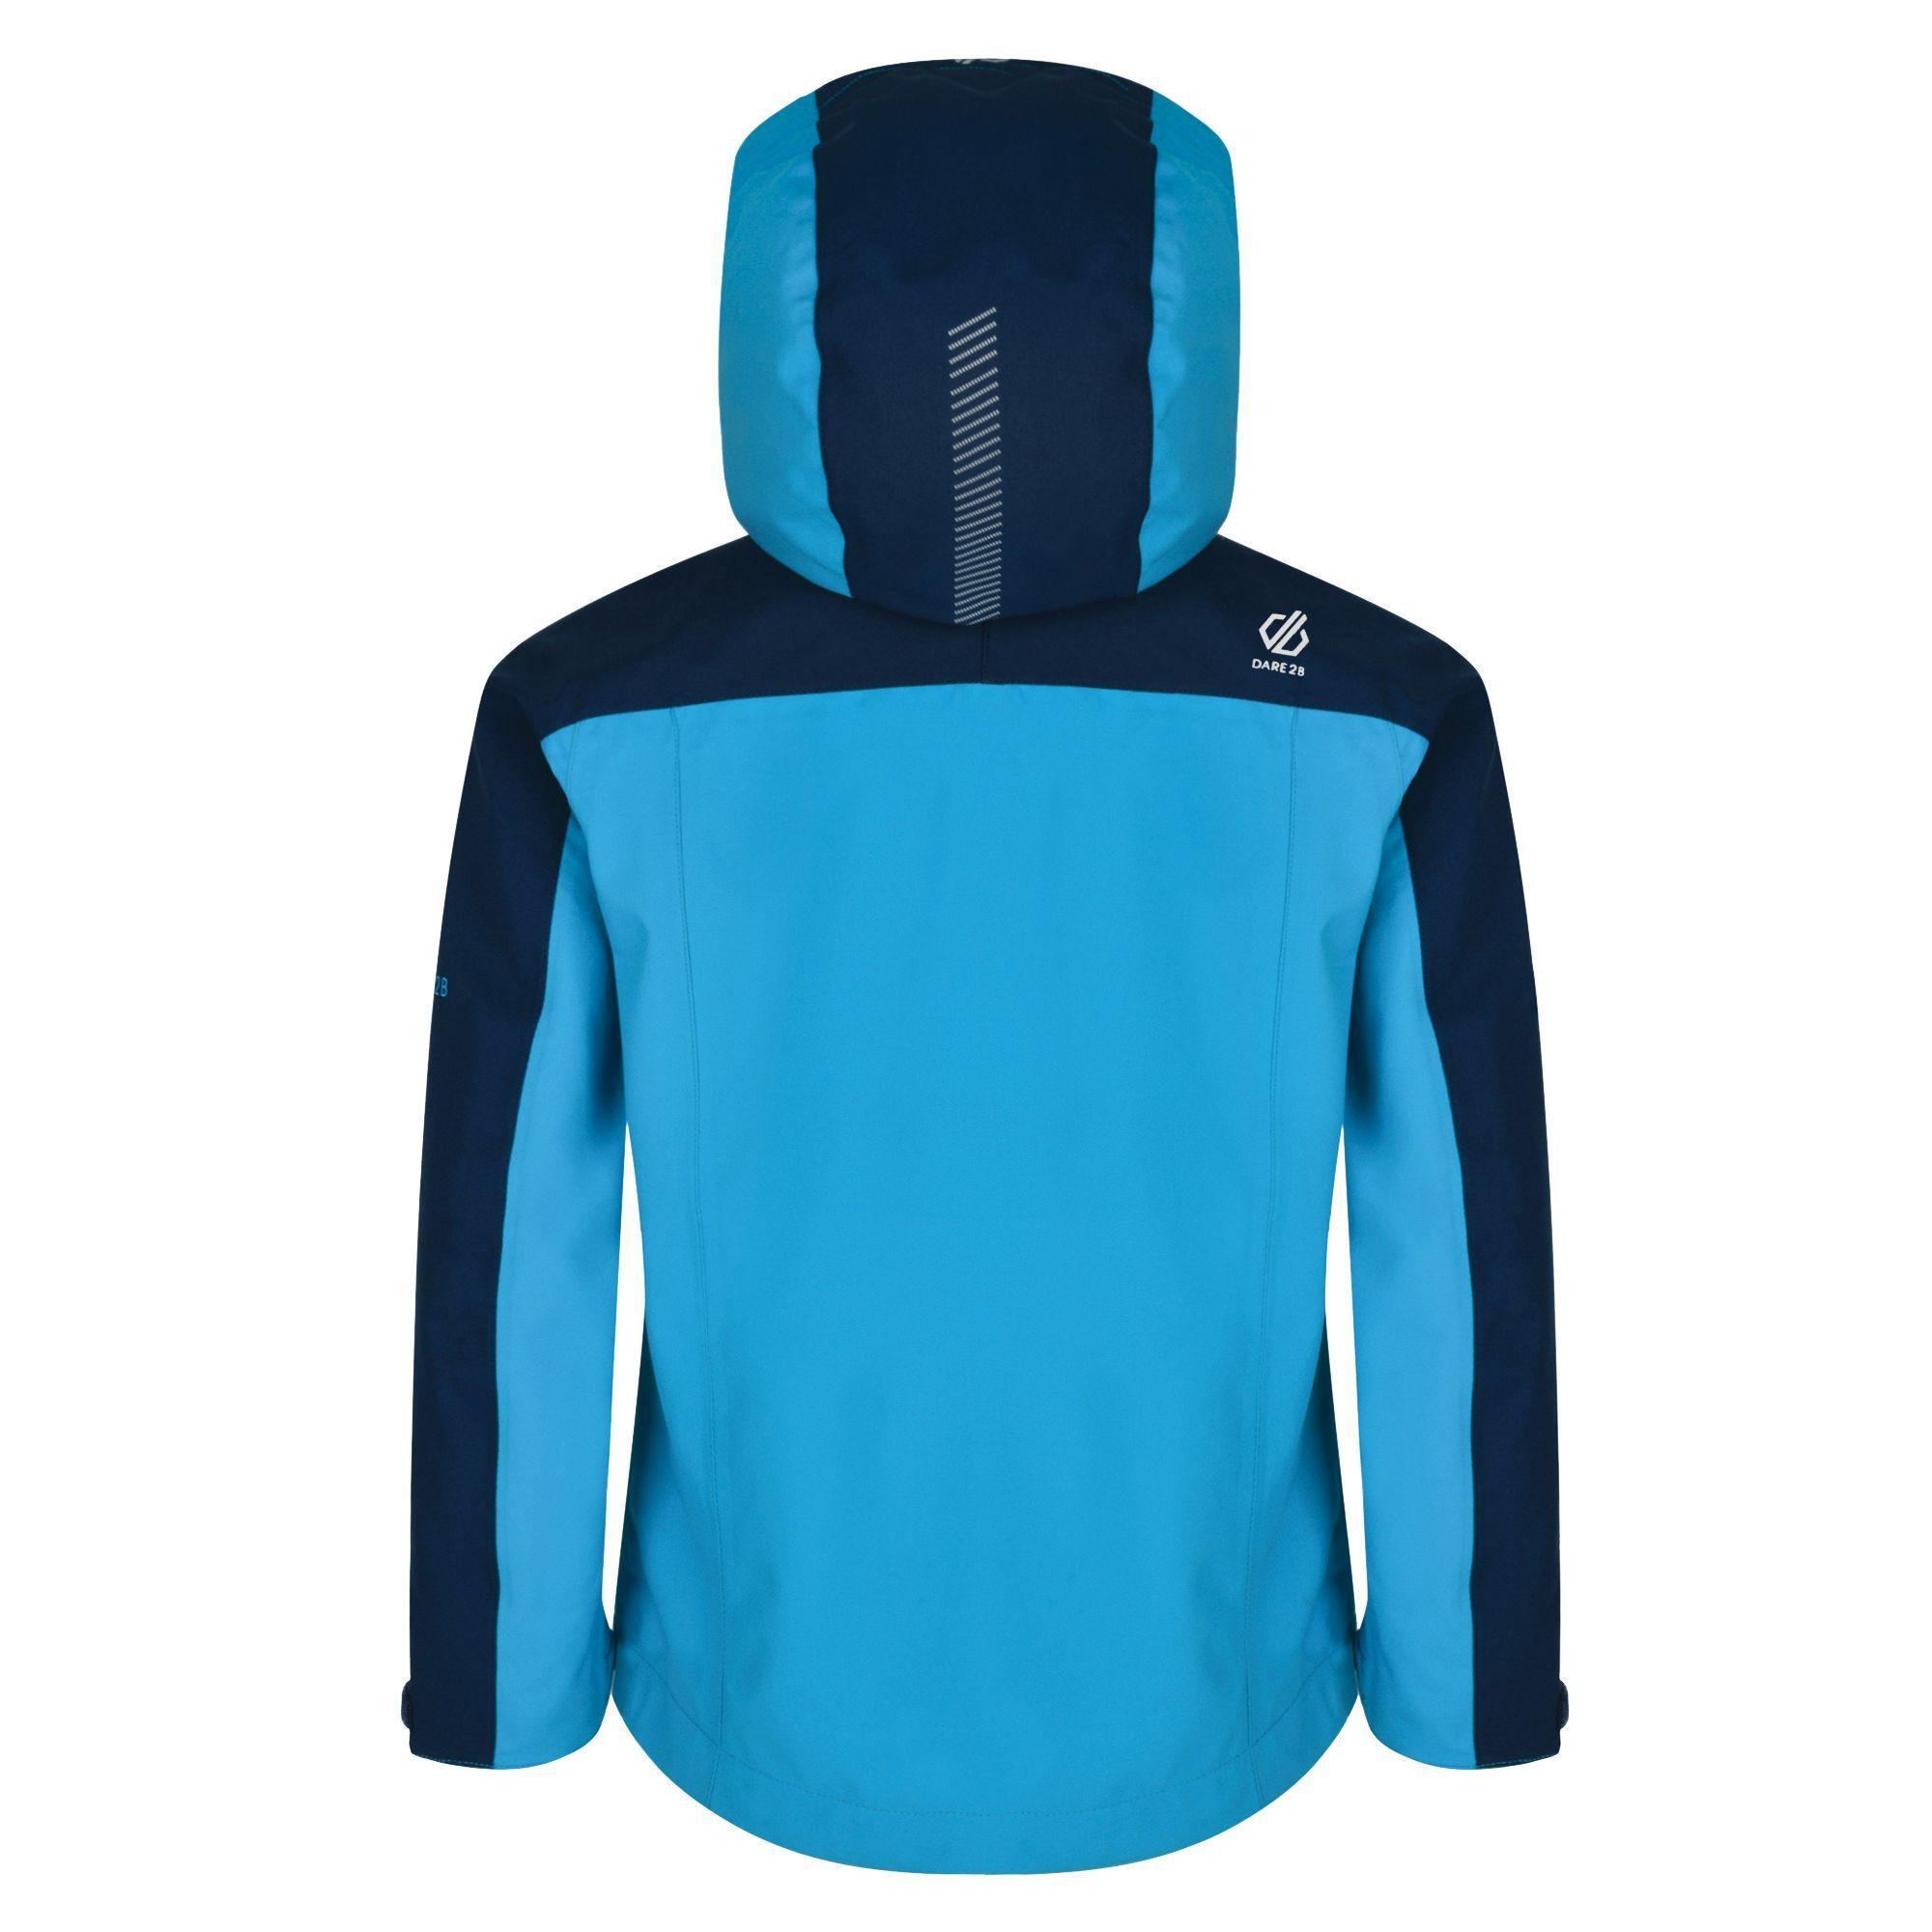 Dare 2B Childrens/Kids Avail Seamsmart Hooded Waterproof Jacket